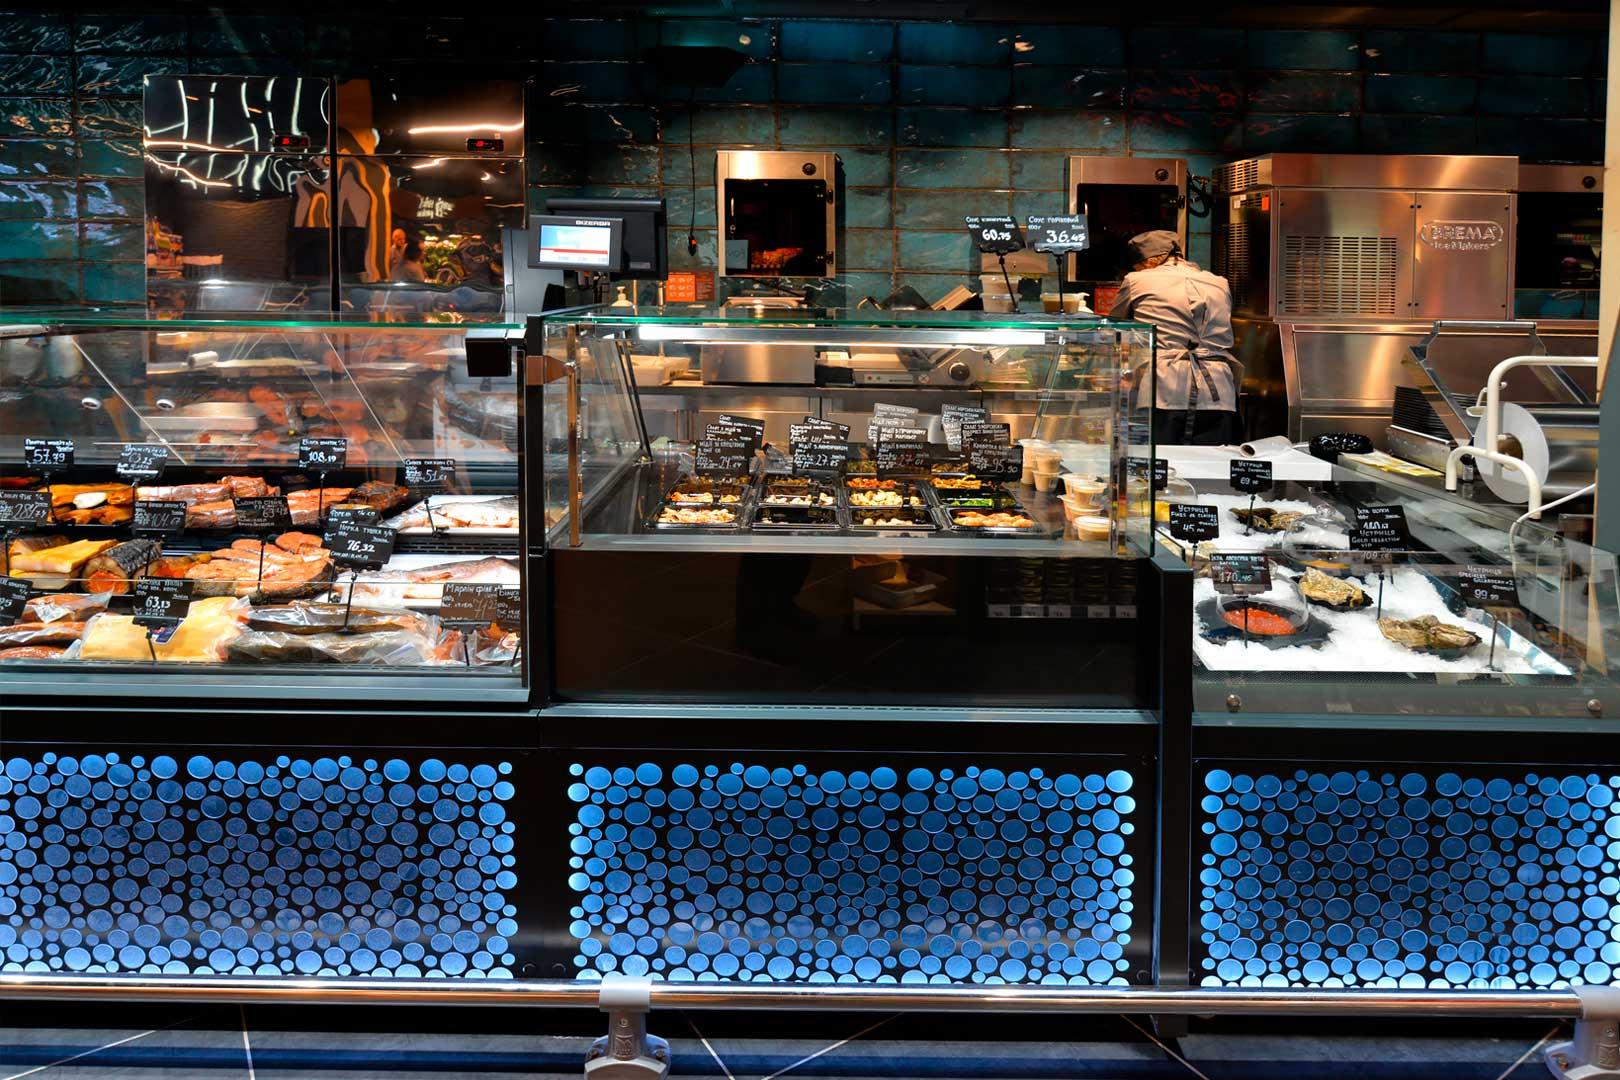 Витрины Мissouri MC 120 salads PP М, промоциональные витрины Virginia AK 132 ice self A